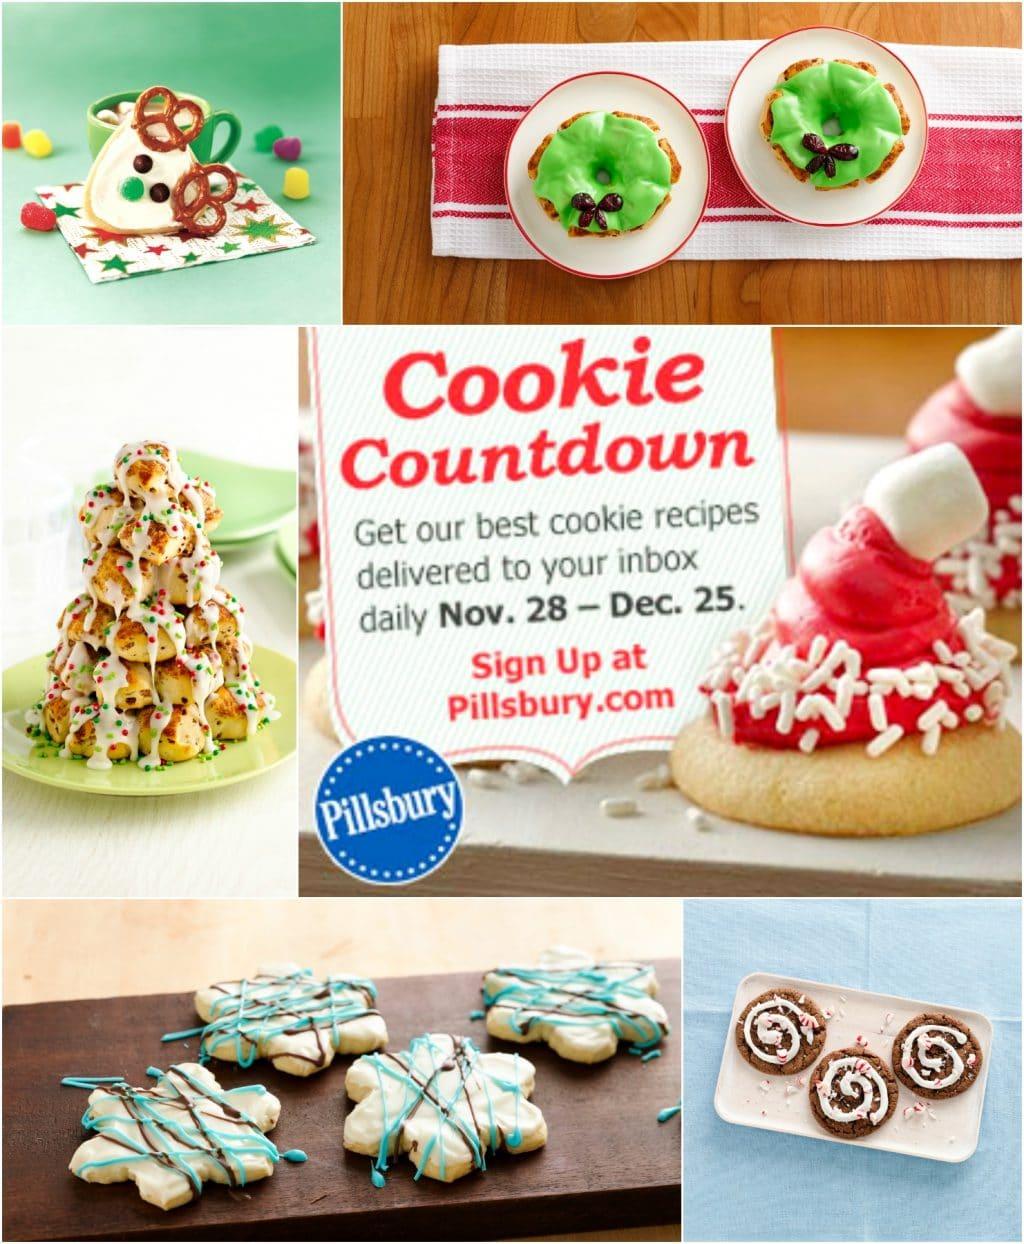 Pillsbury Cookie Countdown